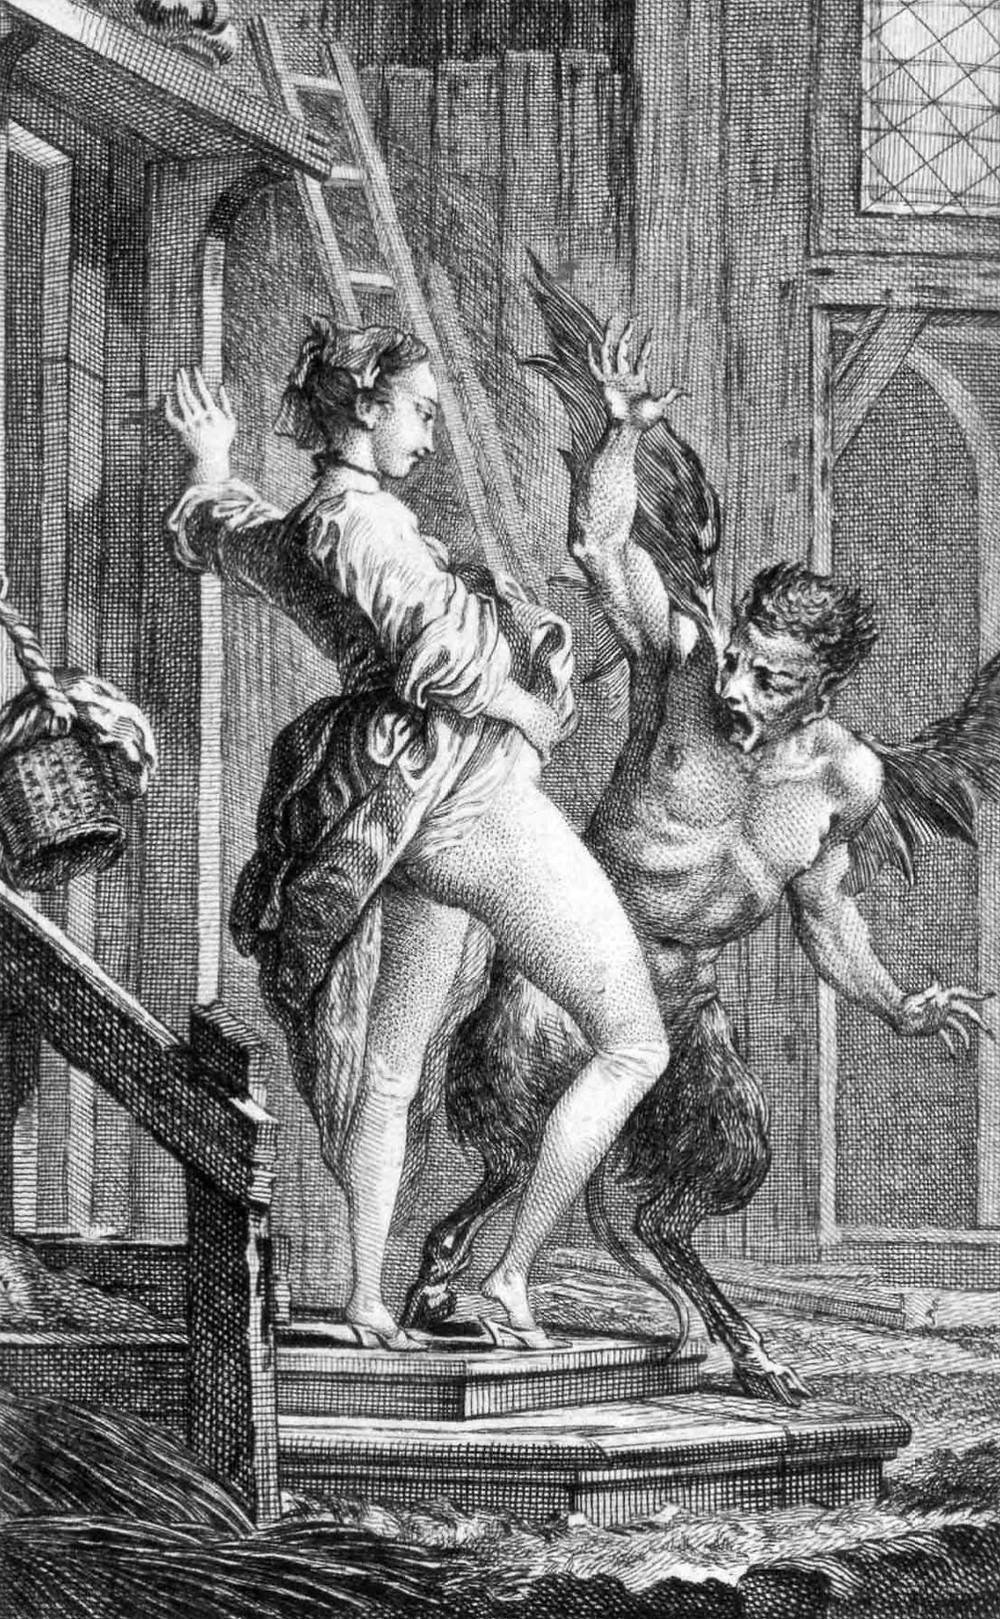 Kuvituskuvassa nainen näyttää sukupuolielintään paholaiselle, eurooppalaiselle anasyrmalle tyypilliseen tapaan.